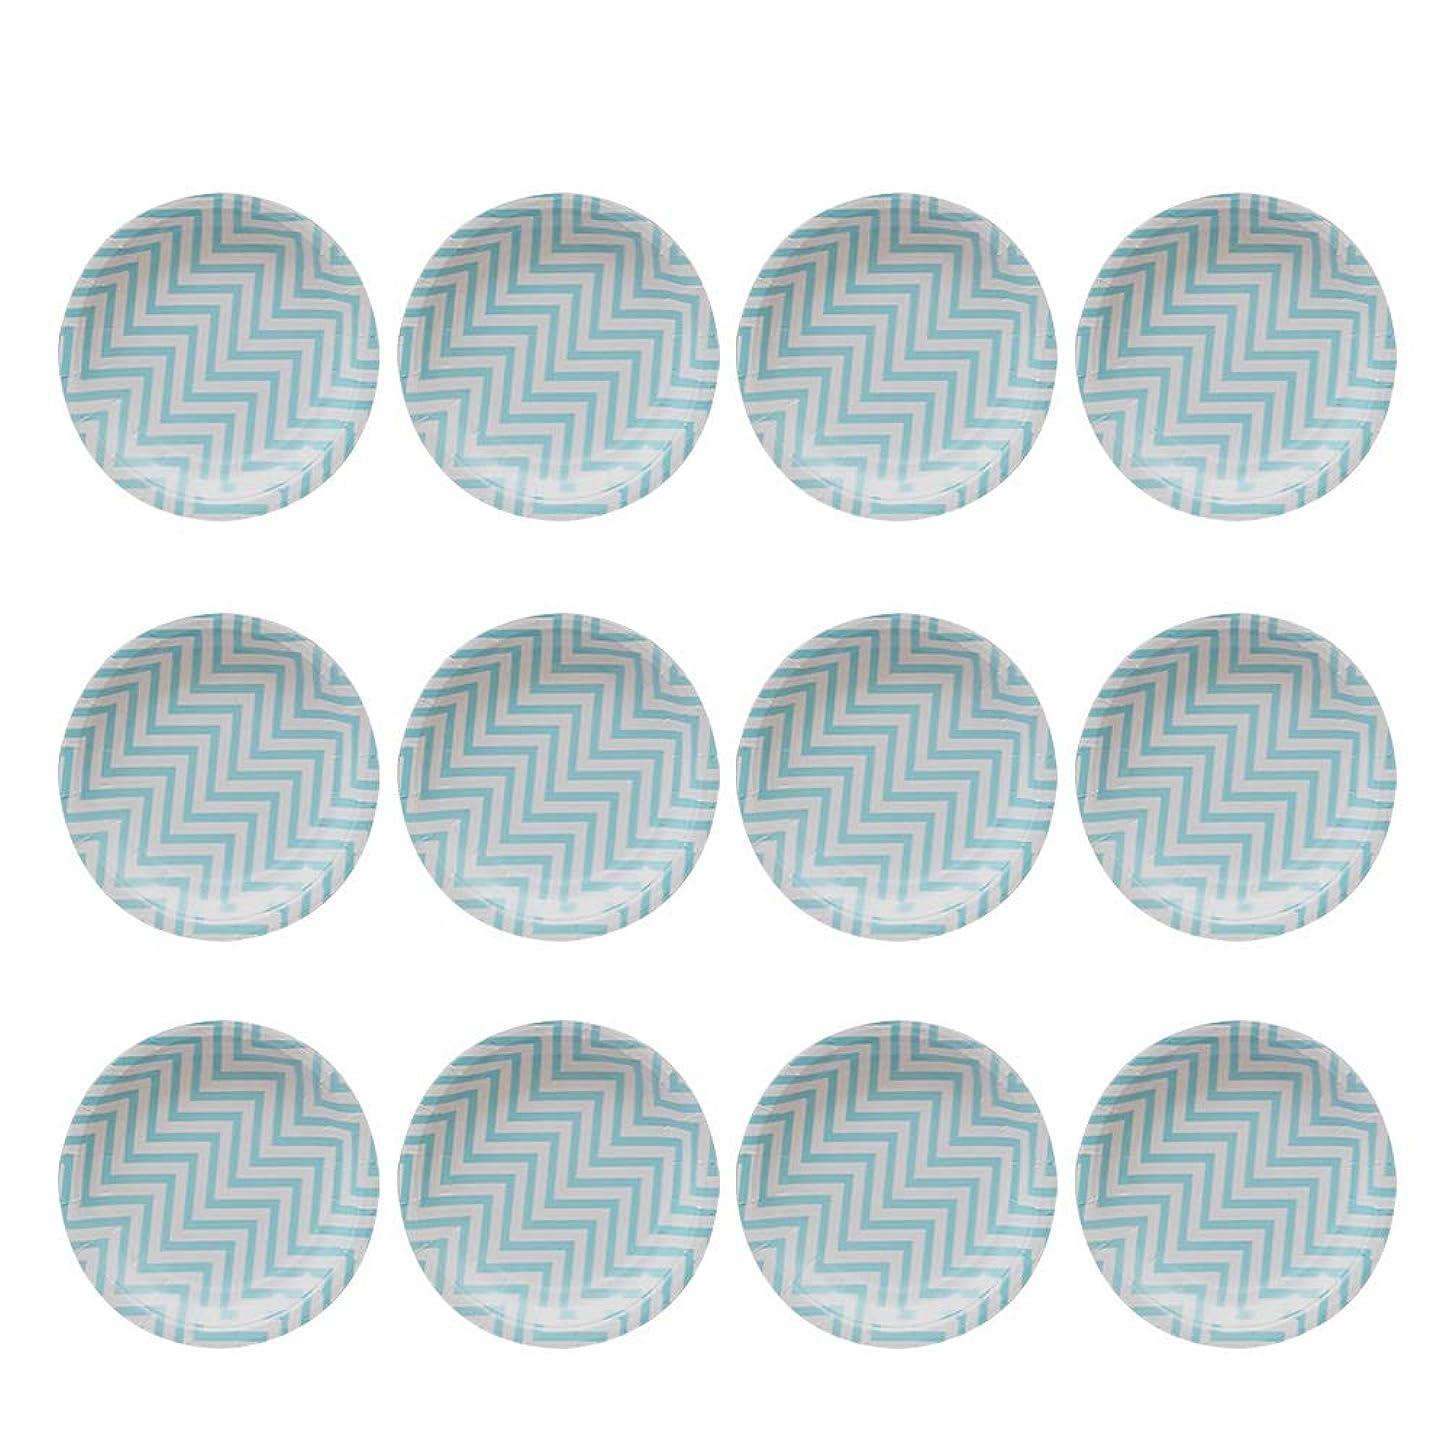 水平ヘビーエキスパートBESTOYARD ペーパープレート 紙皿 使い捨て食器 誕生日 パーティー ピクニック イベント用品 ケーキ おしゃれ 9インチ 12枚セット(ブルー)